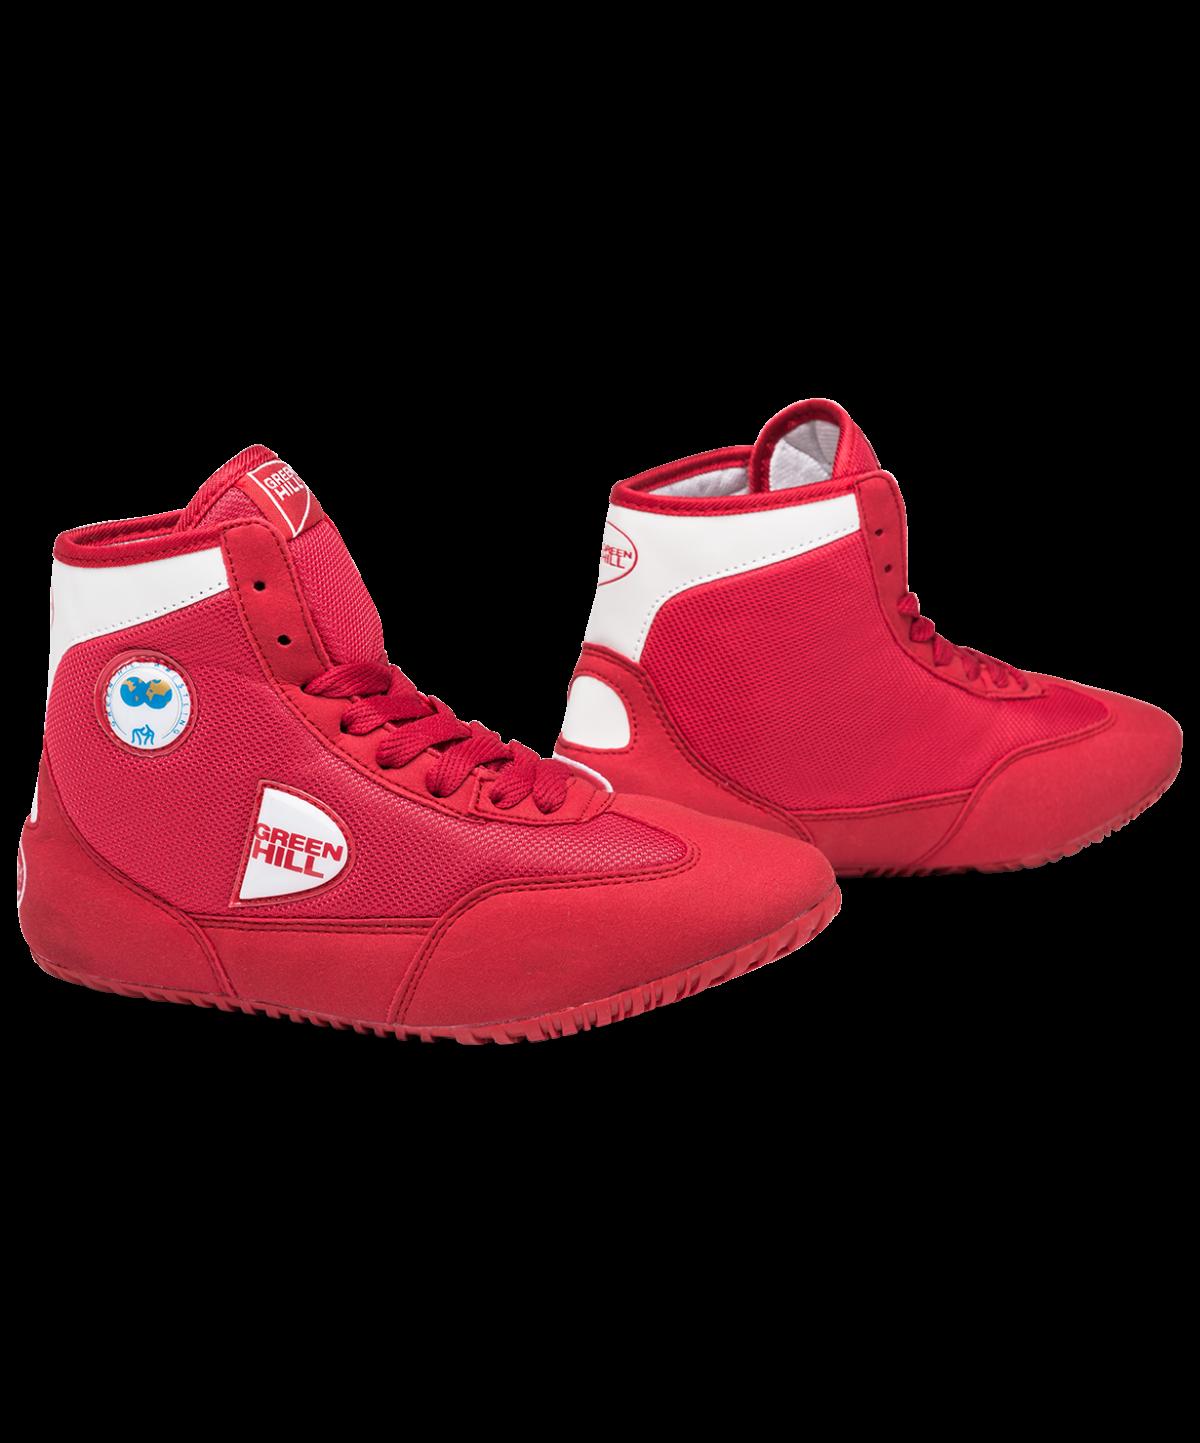 GREEN HILL Обувь для борьбы  GWB-3052/GWB-3055: красный/белый - 1